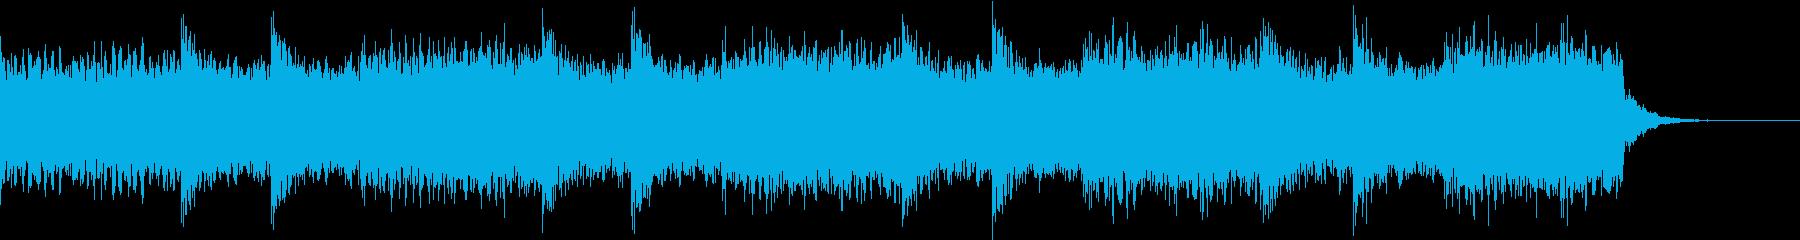 空気感・近代的・緊迫感・ジングル3の再生済みの波形